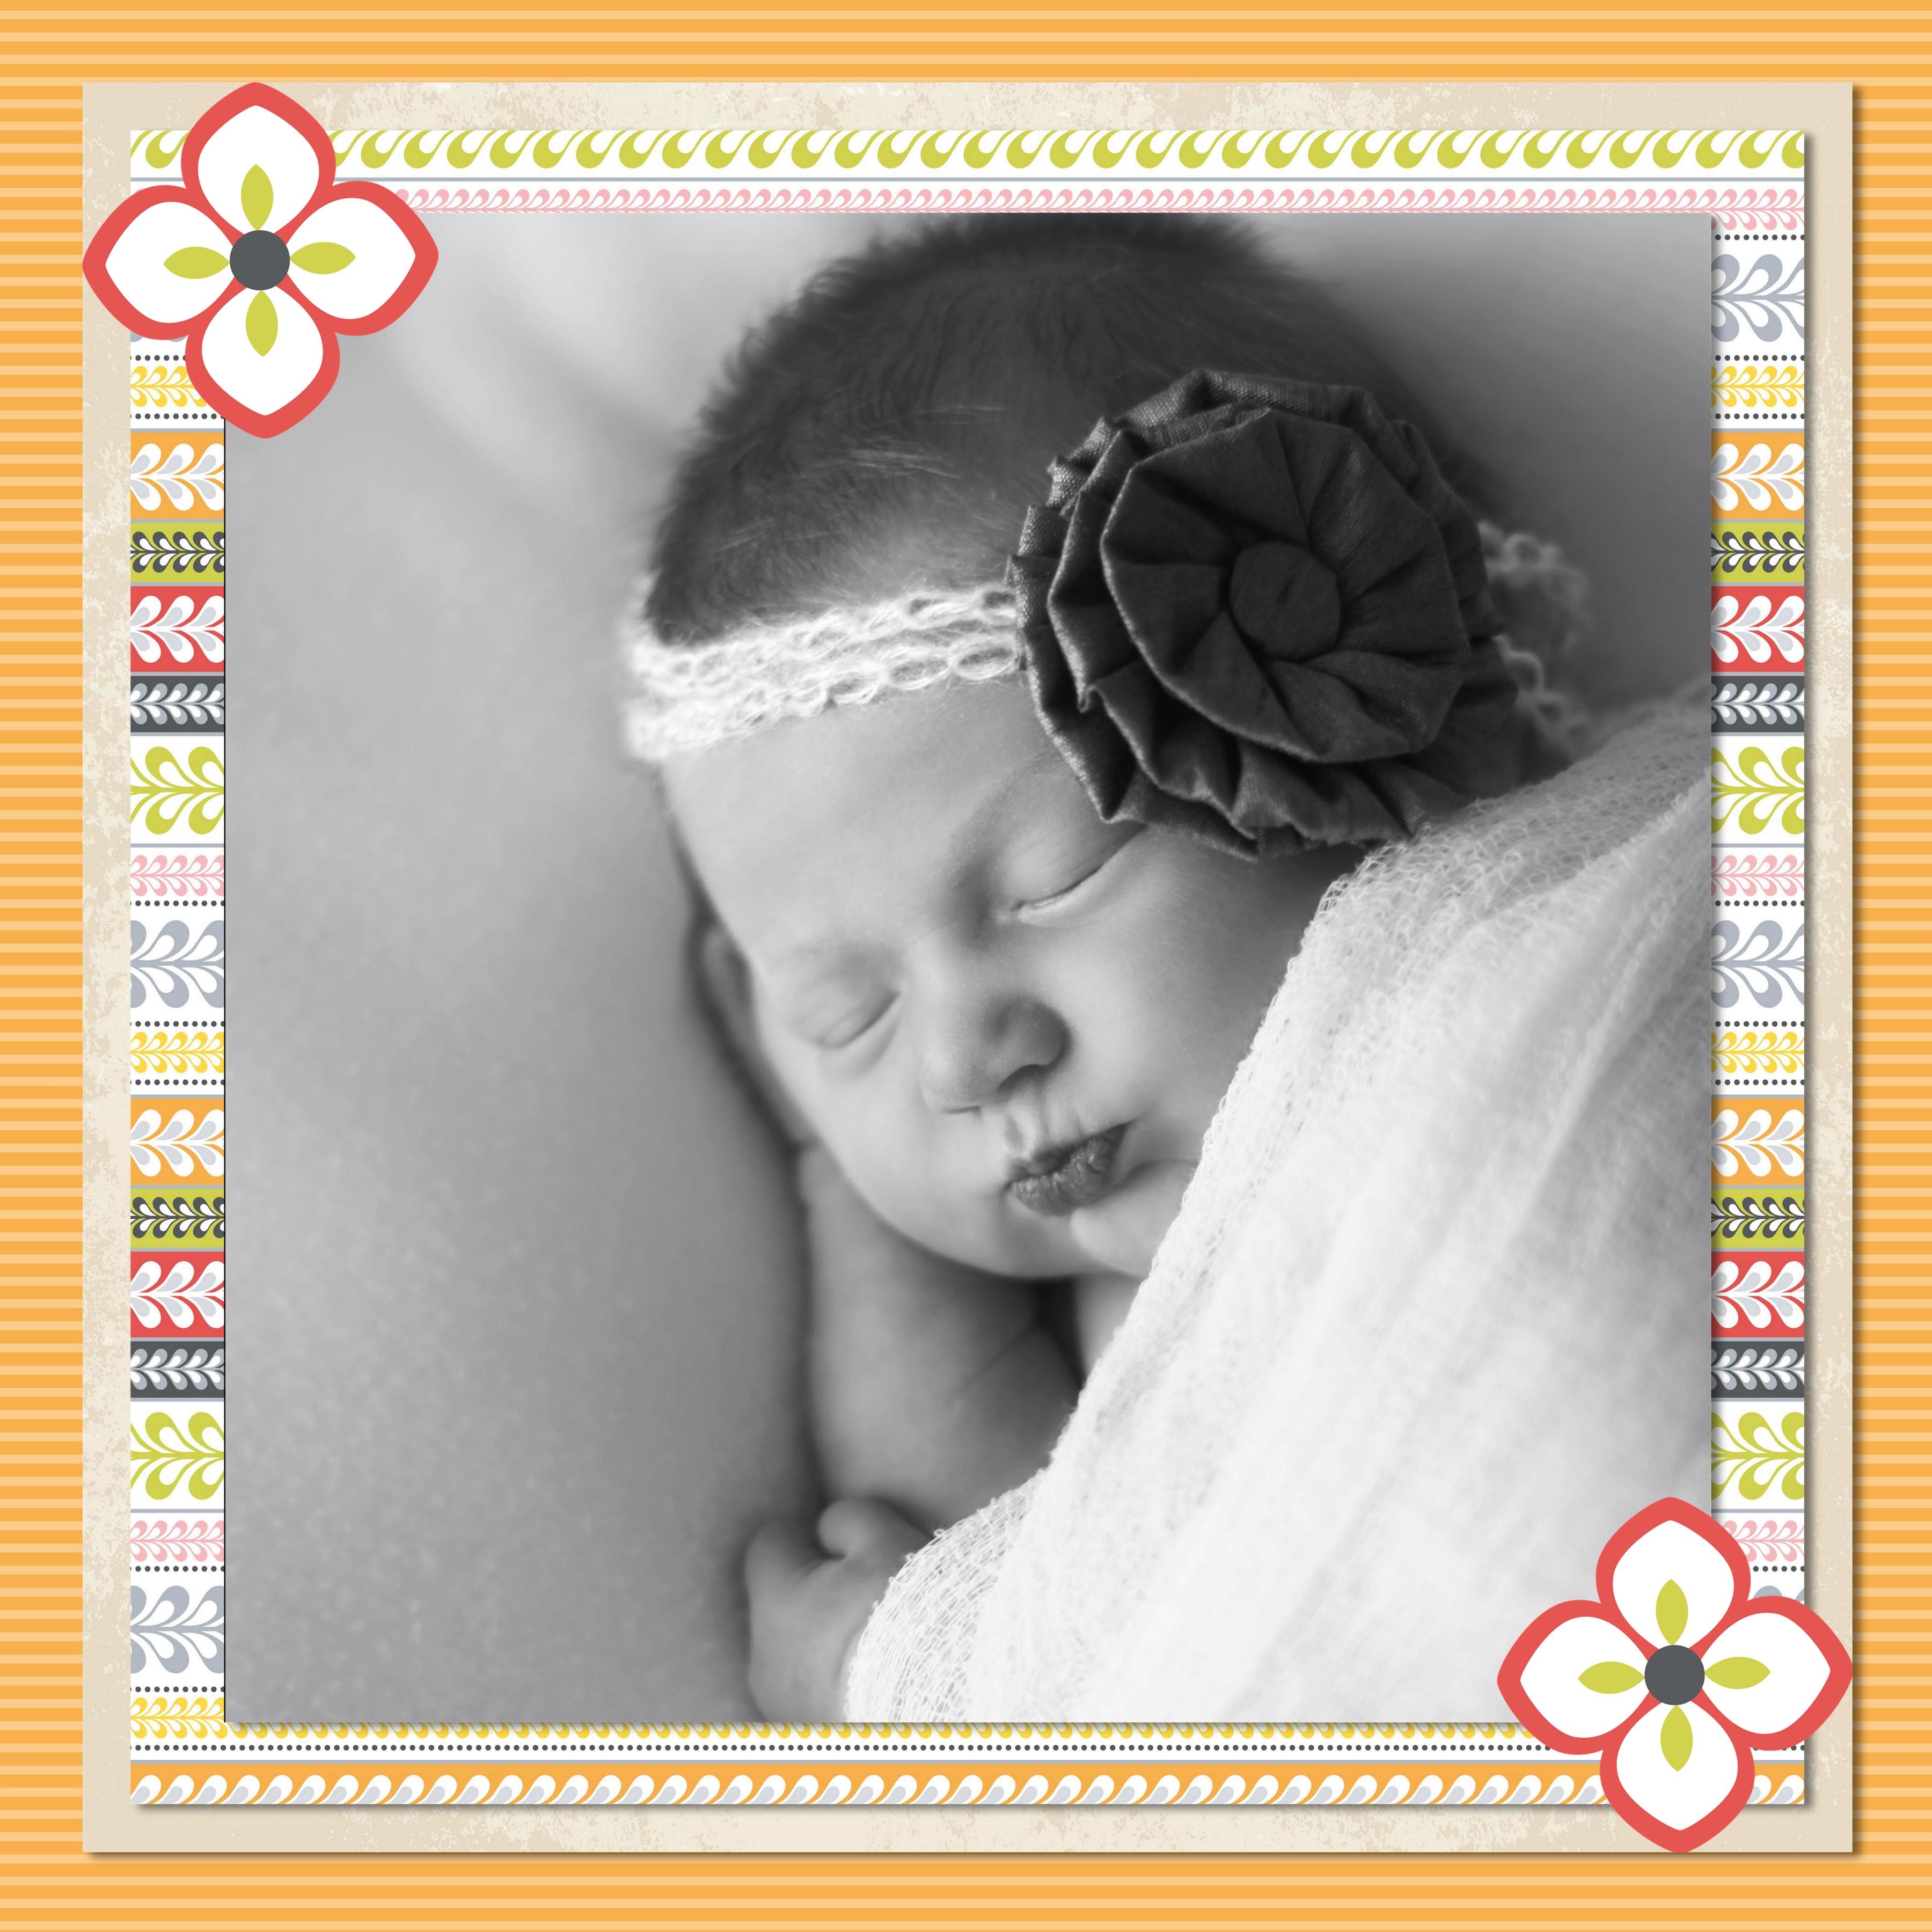 BabyGirl - Page 013.jpg